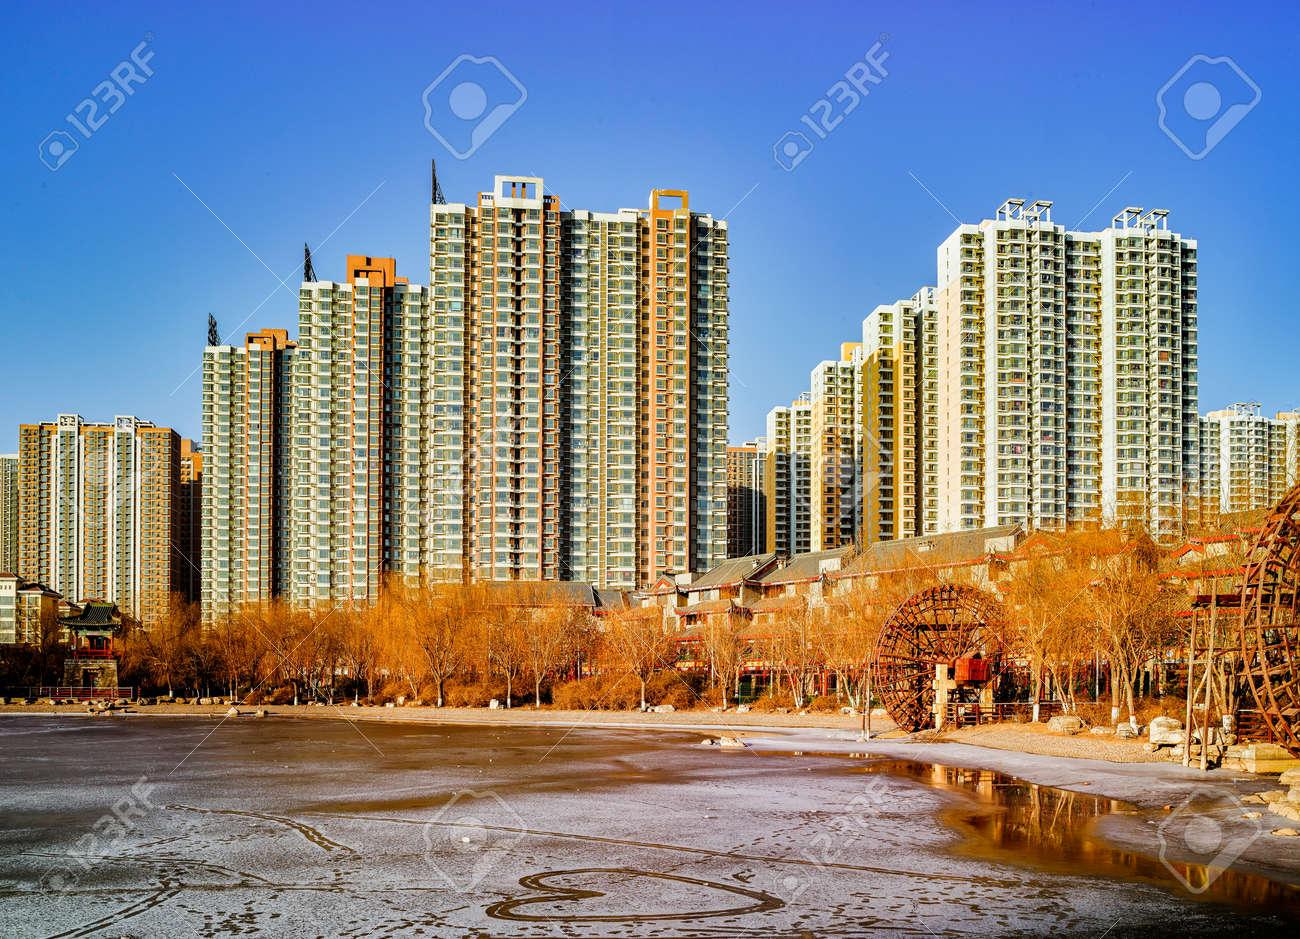 中国河北省石家荘市の住宅地 の写真素材・画像素材 Image 80069987.